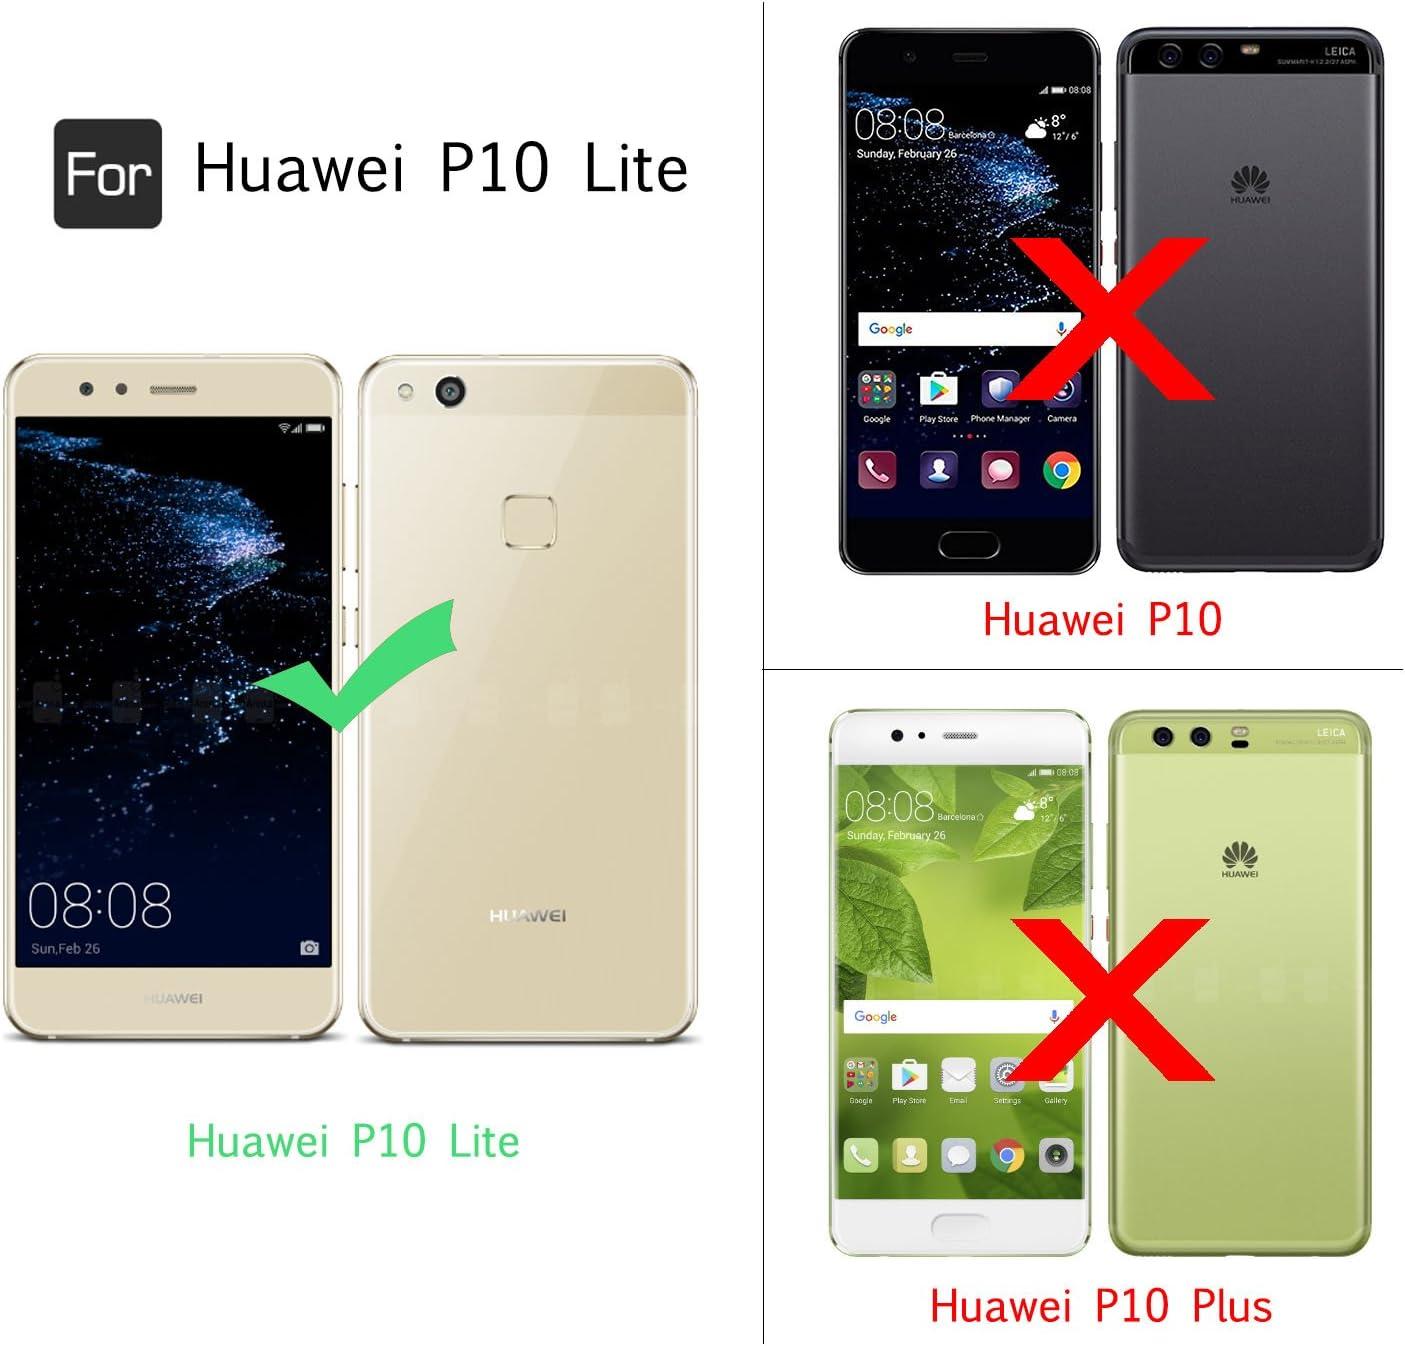 LeYi Funda Huawei P10 Lite Silicona Purpurina Carcasa con HD Protectores de Pantalla,Transparente Cristal Bumper Telefono Gel TPU Fundas Case Cover Para Movil Huawei P10 Lite ZX Oro Rosa: Amazon.es: Electrónica